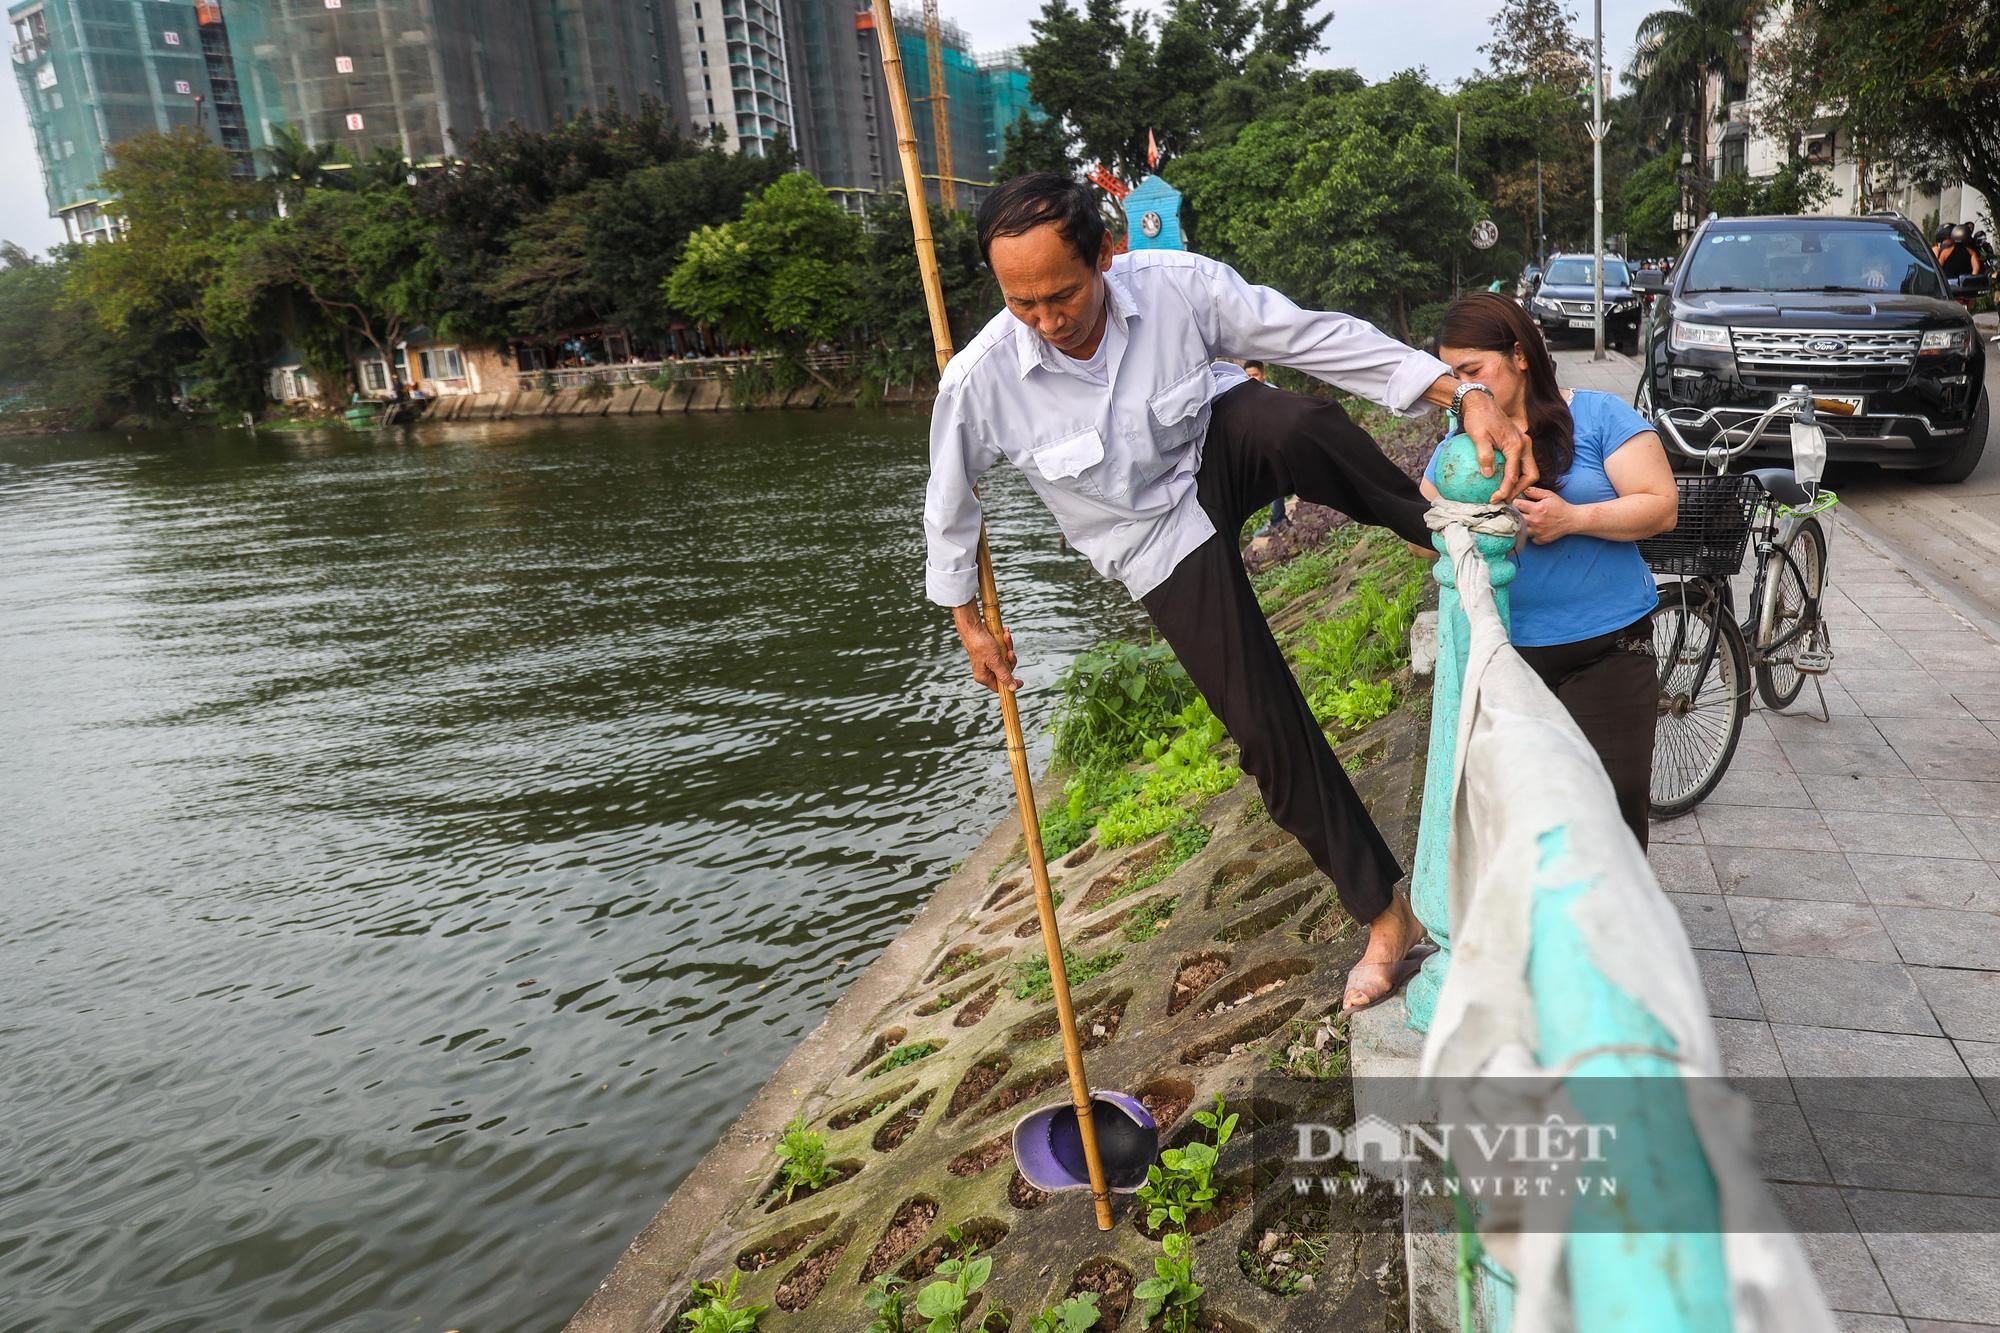 Độc đáo mô hình trồng rau hốc đá ven hồ ở Hà Nội - Ảnh 7.